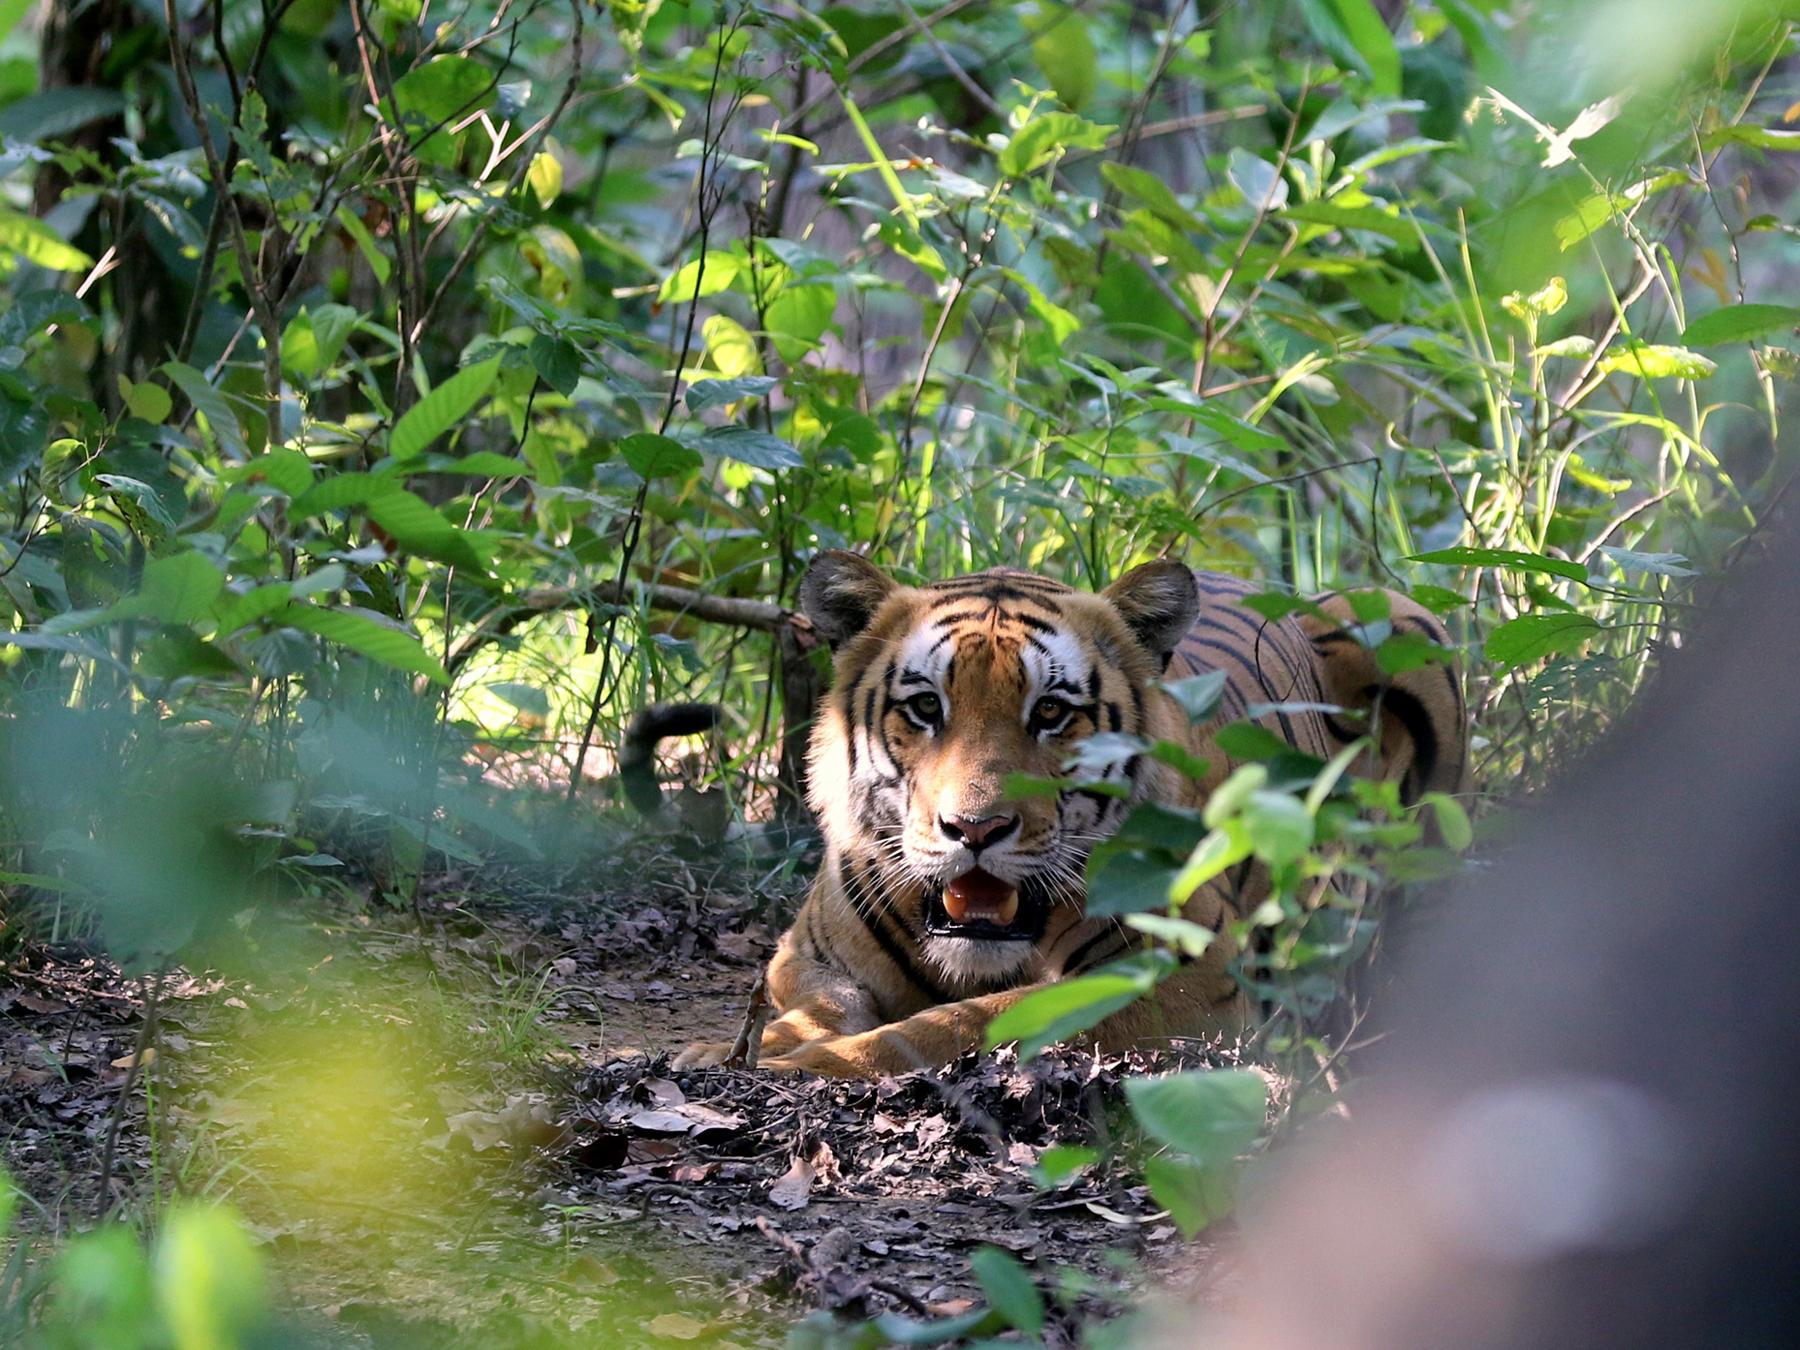 बाघ खासै छैन, चितुवा घरघरै पुग्छन्